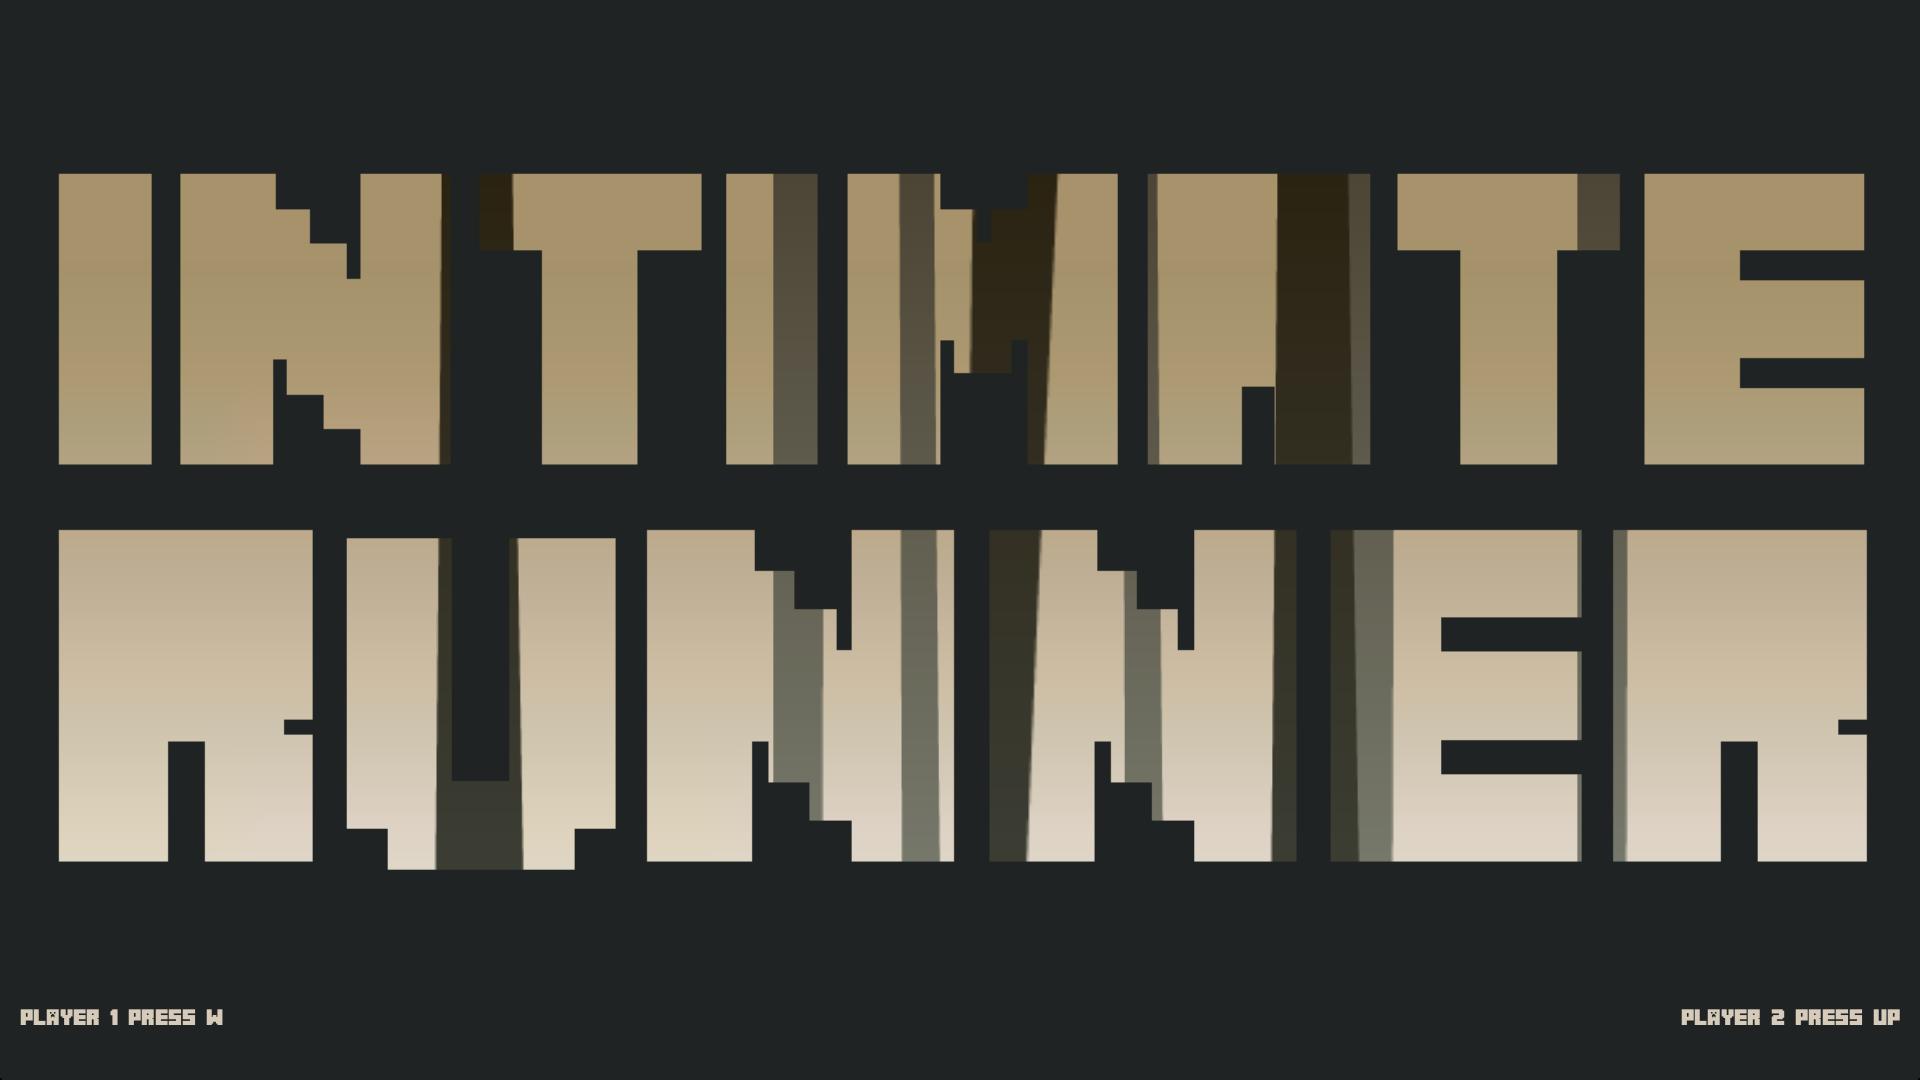 Intimate Runner